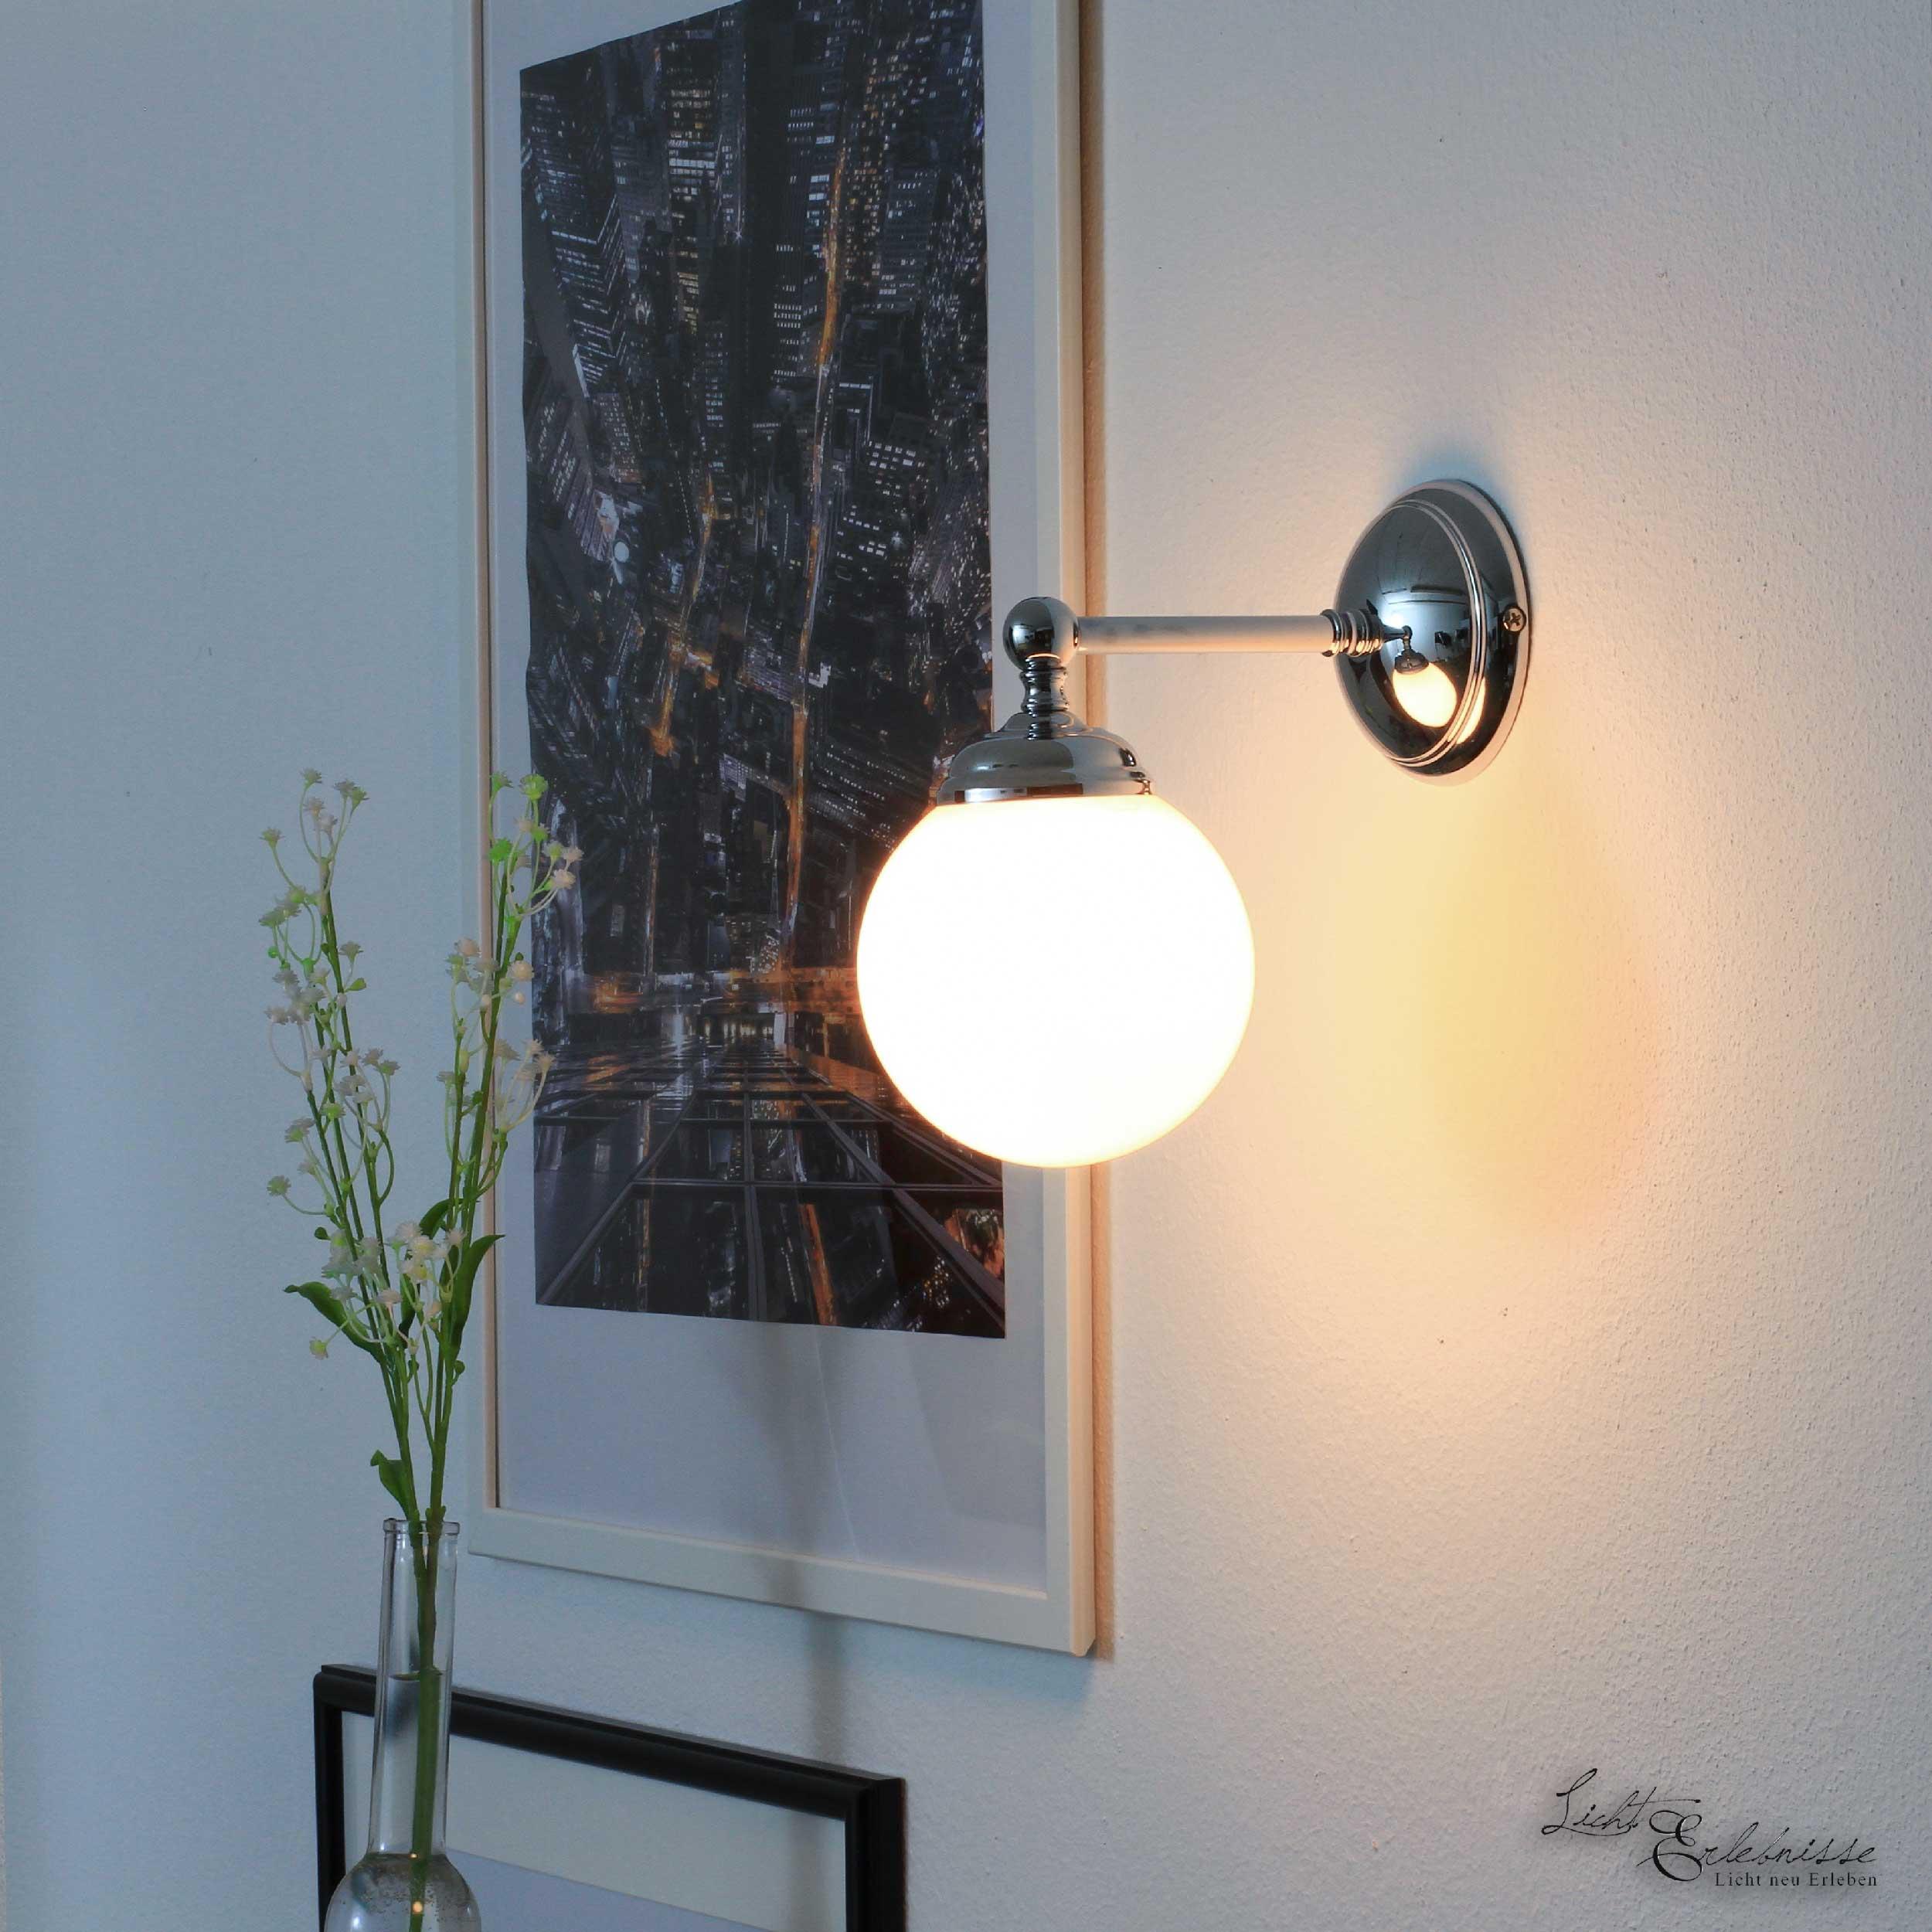 Fur Wohnzimmer Esszimmer Modern Wandleuchte Spot Strahler Deckenleuchte Lampenwelt Led Deckenlampe Lionel In Chrom Aus Metall U A 4 Flammig A Inkl Leuchtmittel Lampe Spotleuchten Leuchtensysteme Innenbeleuchtung